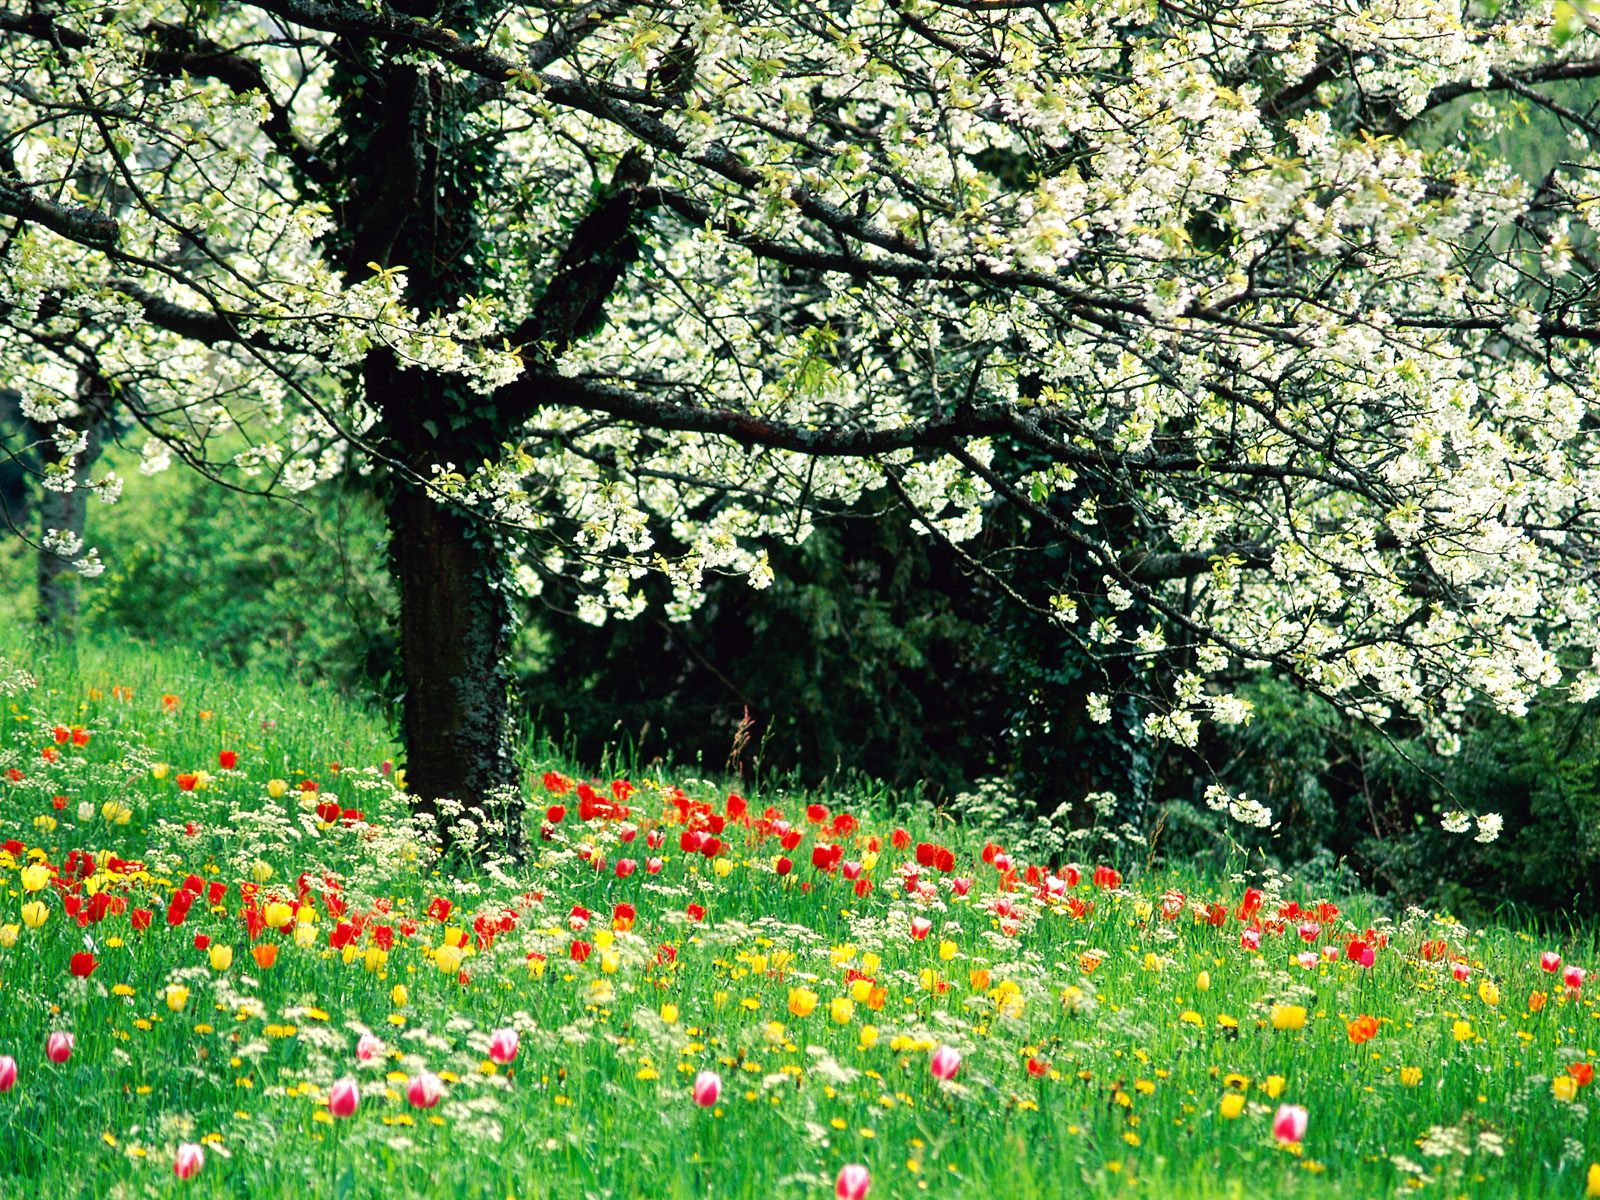 http://3.bp.blogspot.com/-Pet_cwv0txg/TaWxizEKkjI/AAAAAAAACAs/psdtqIPnClQ/s1600/spring%20wallpapers_%5Bwww.thewallpaperdb.blogspot.com%20%5D_%20%2845%29.jpg